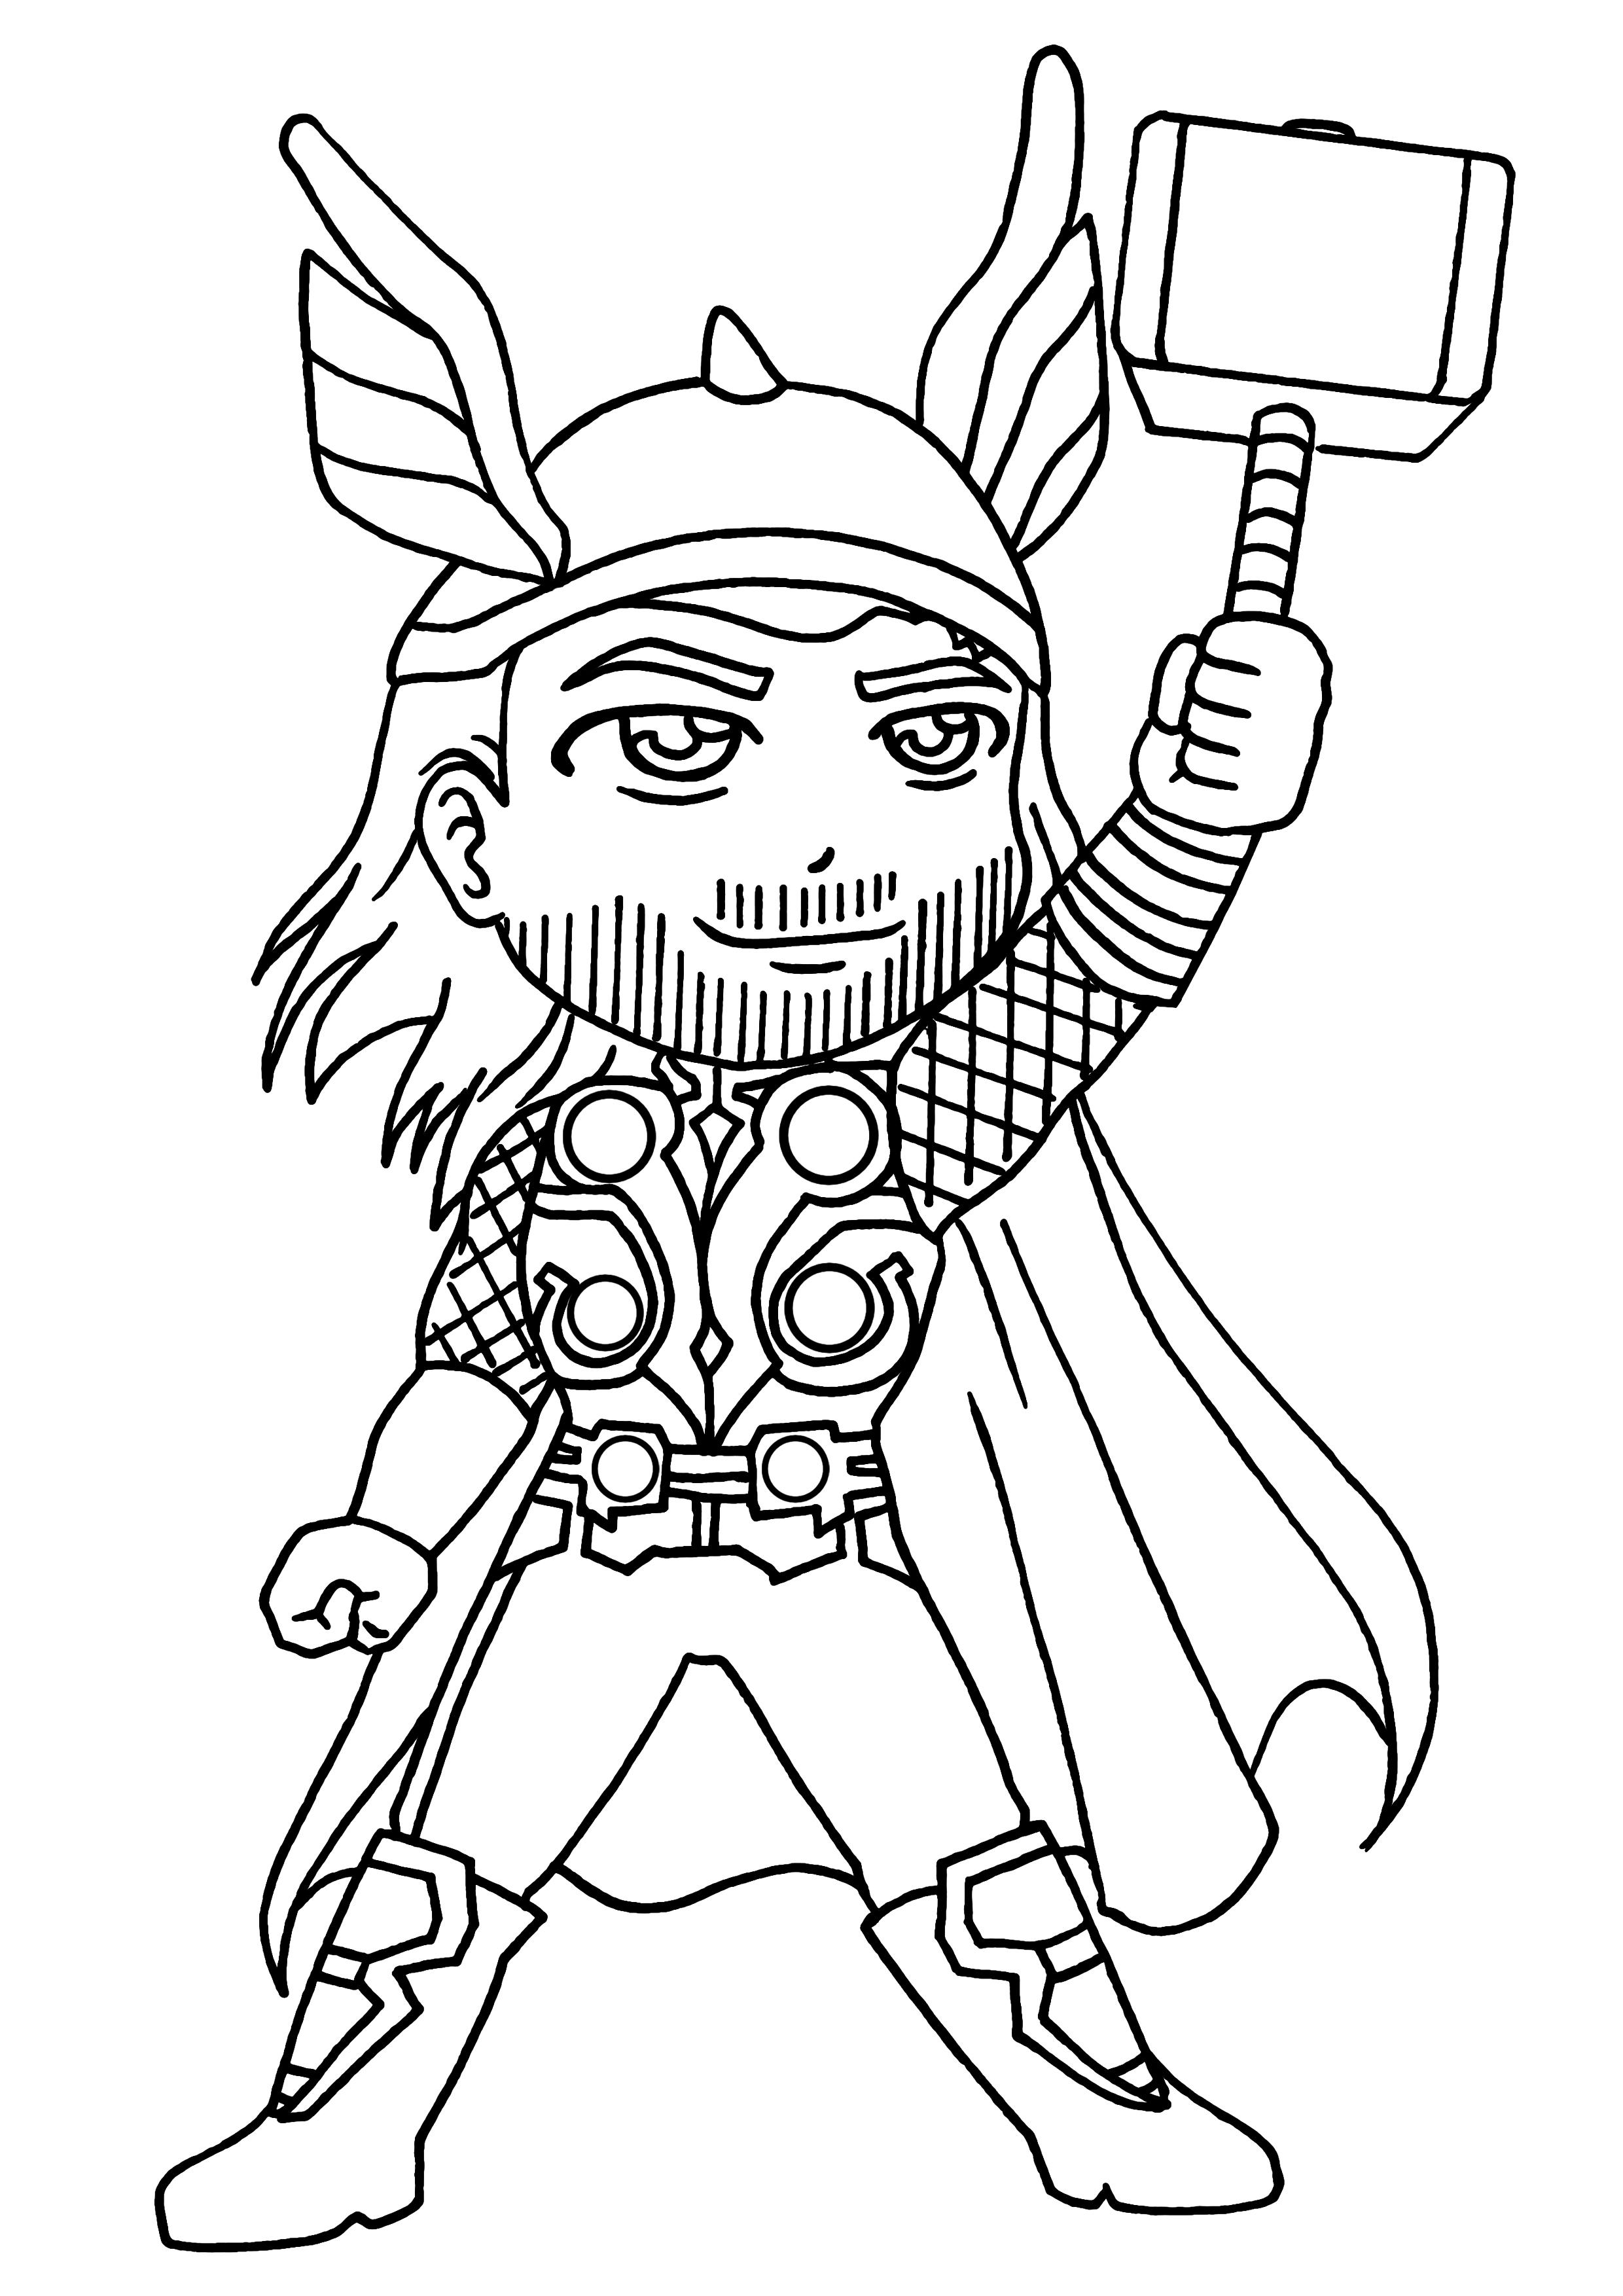 Coloriage Thor #75757 (Super-héros) - Album de coloriages